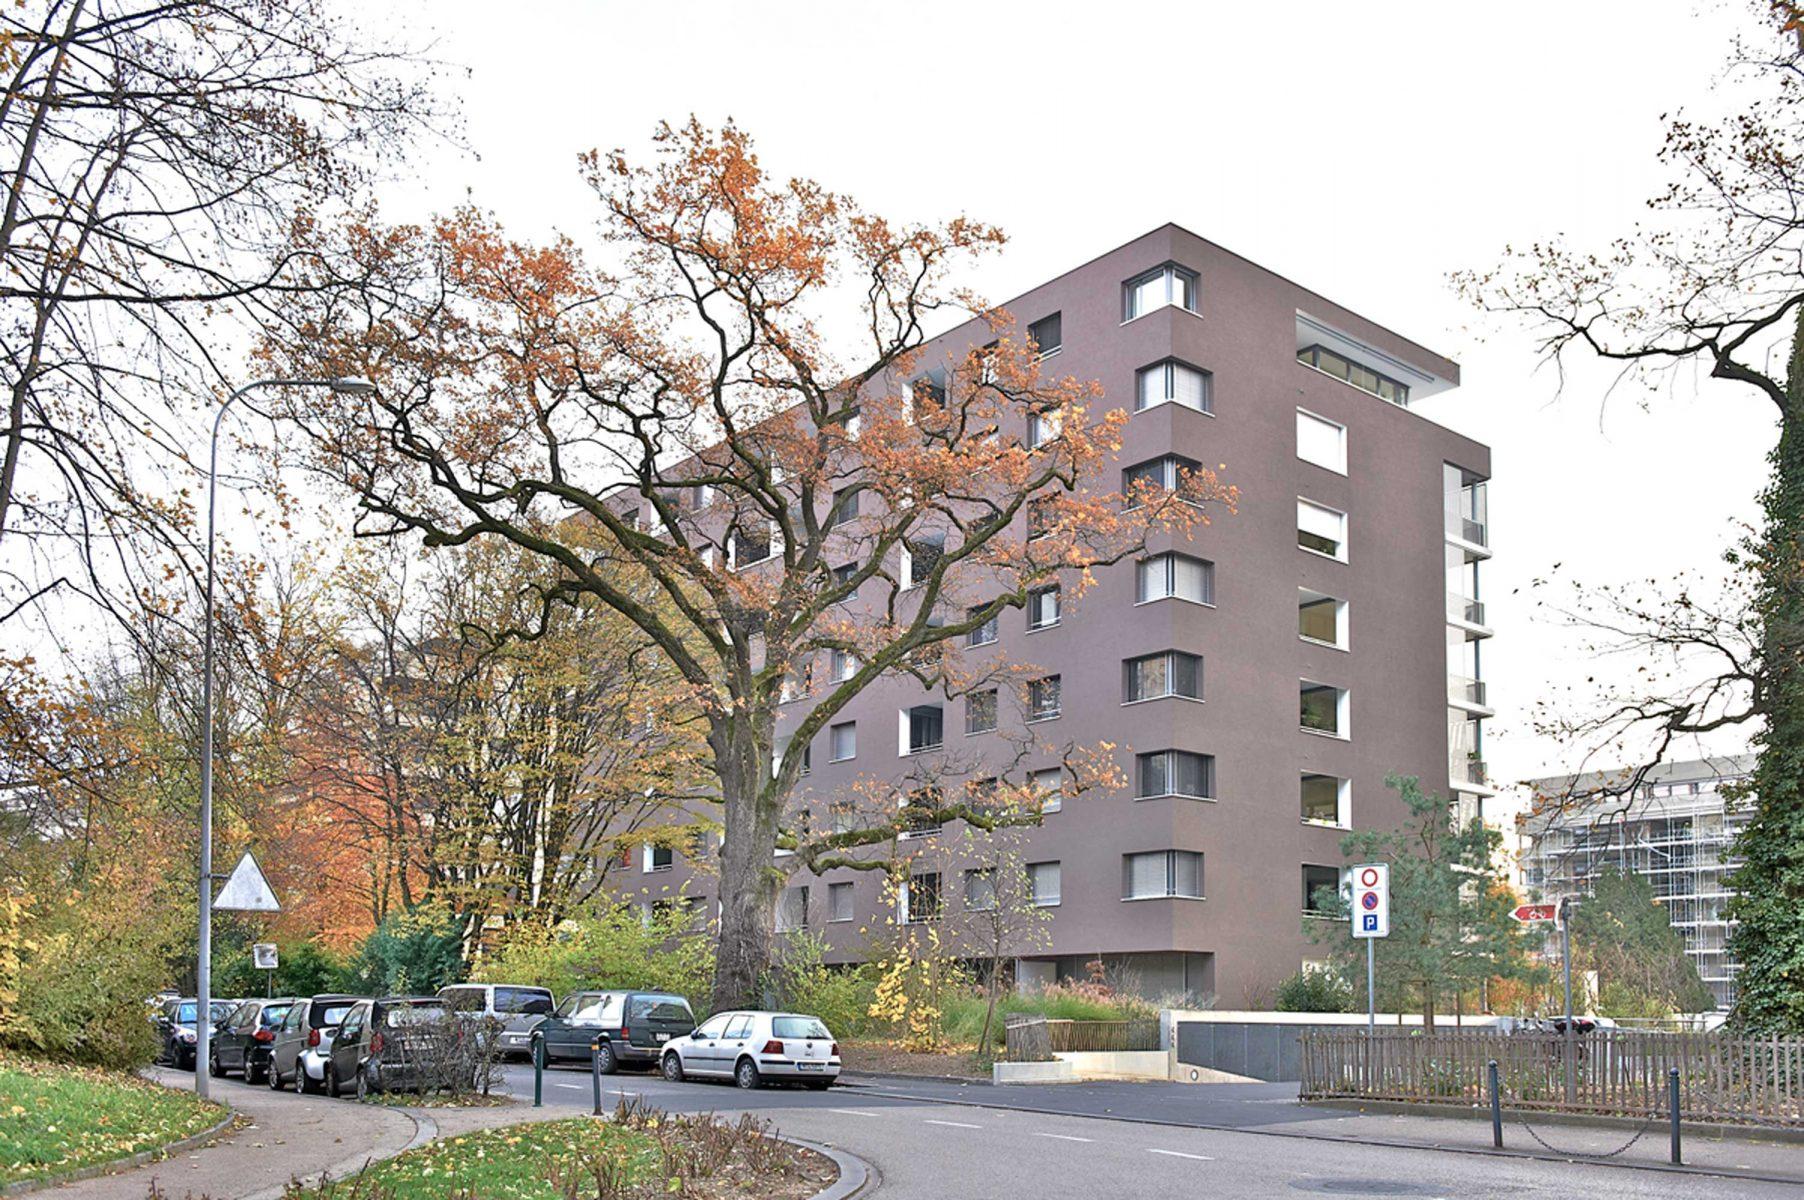 corbusier-facade-000